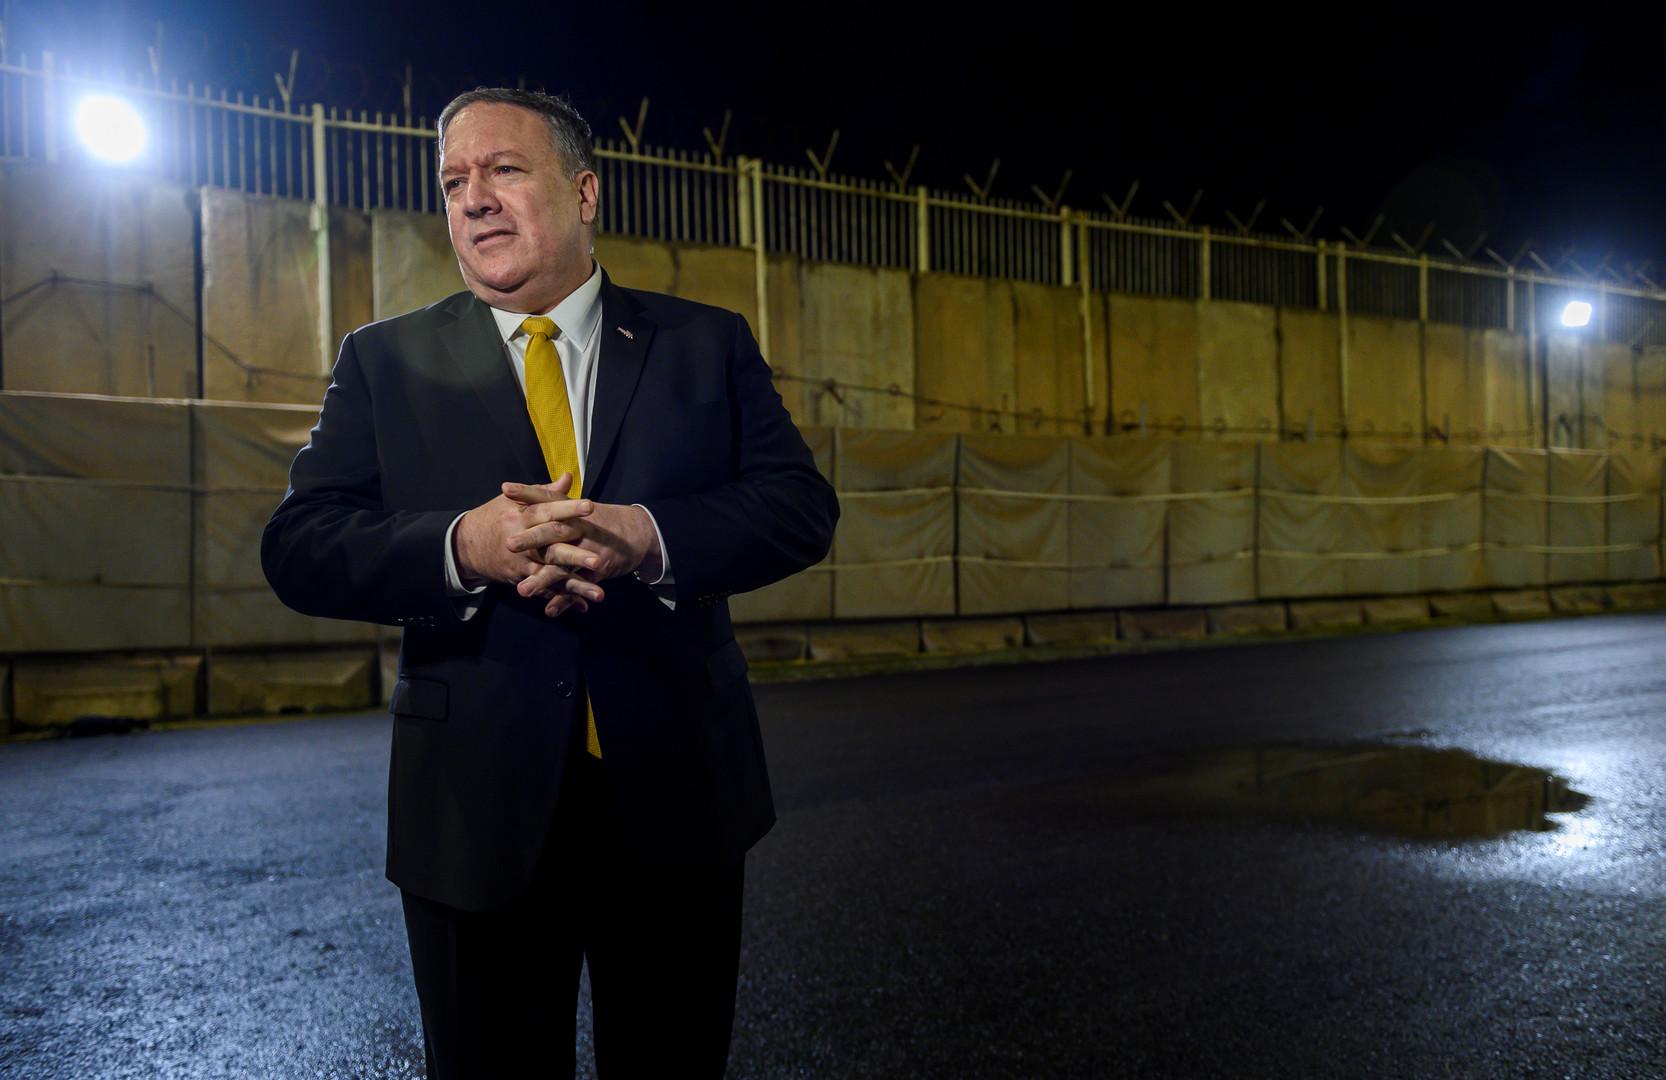 وزير عراقي سابق يوضح أسباب زيارة بومبيو إلى بغداد